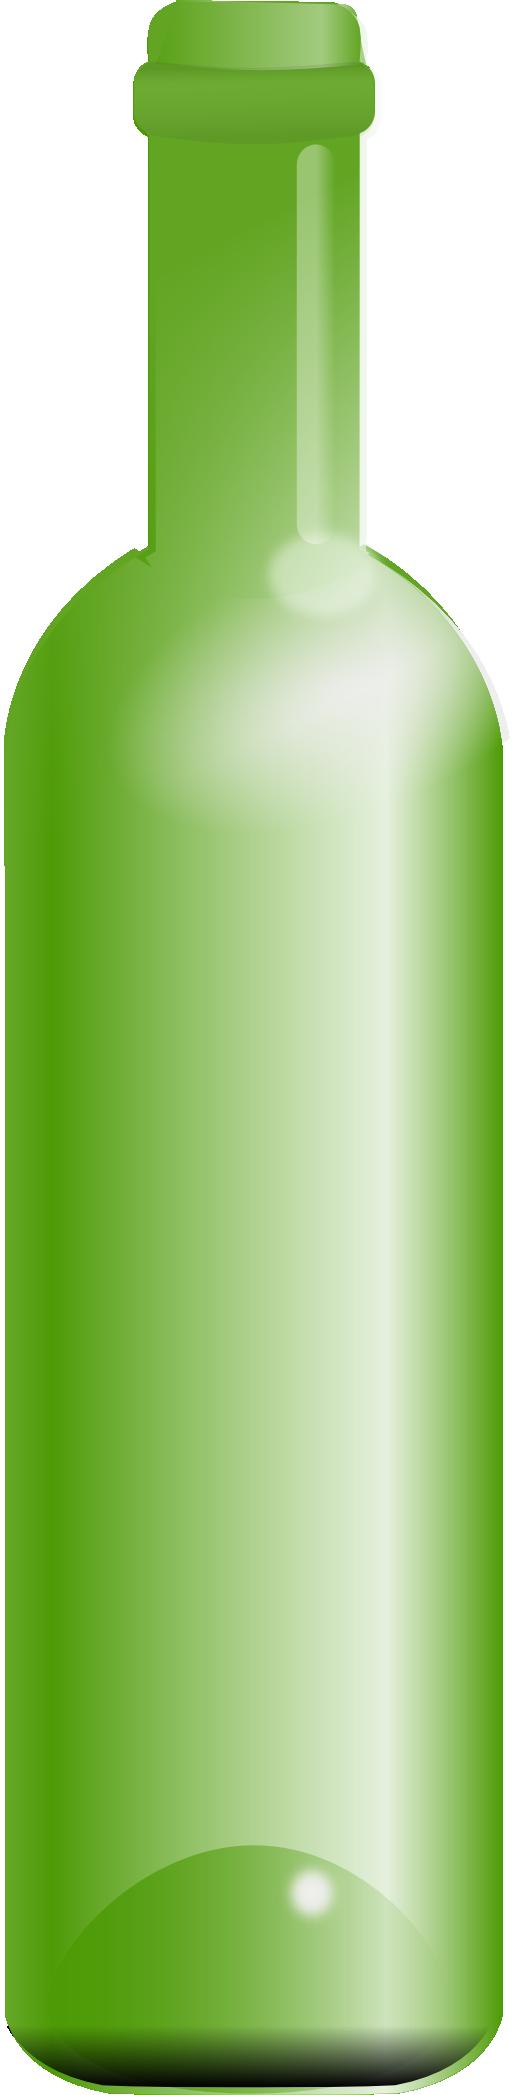 Clip Art Empty Glass Bottles Clipart.